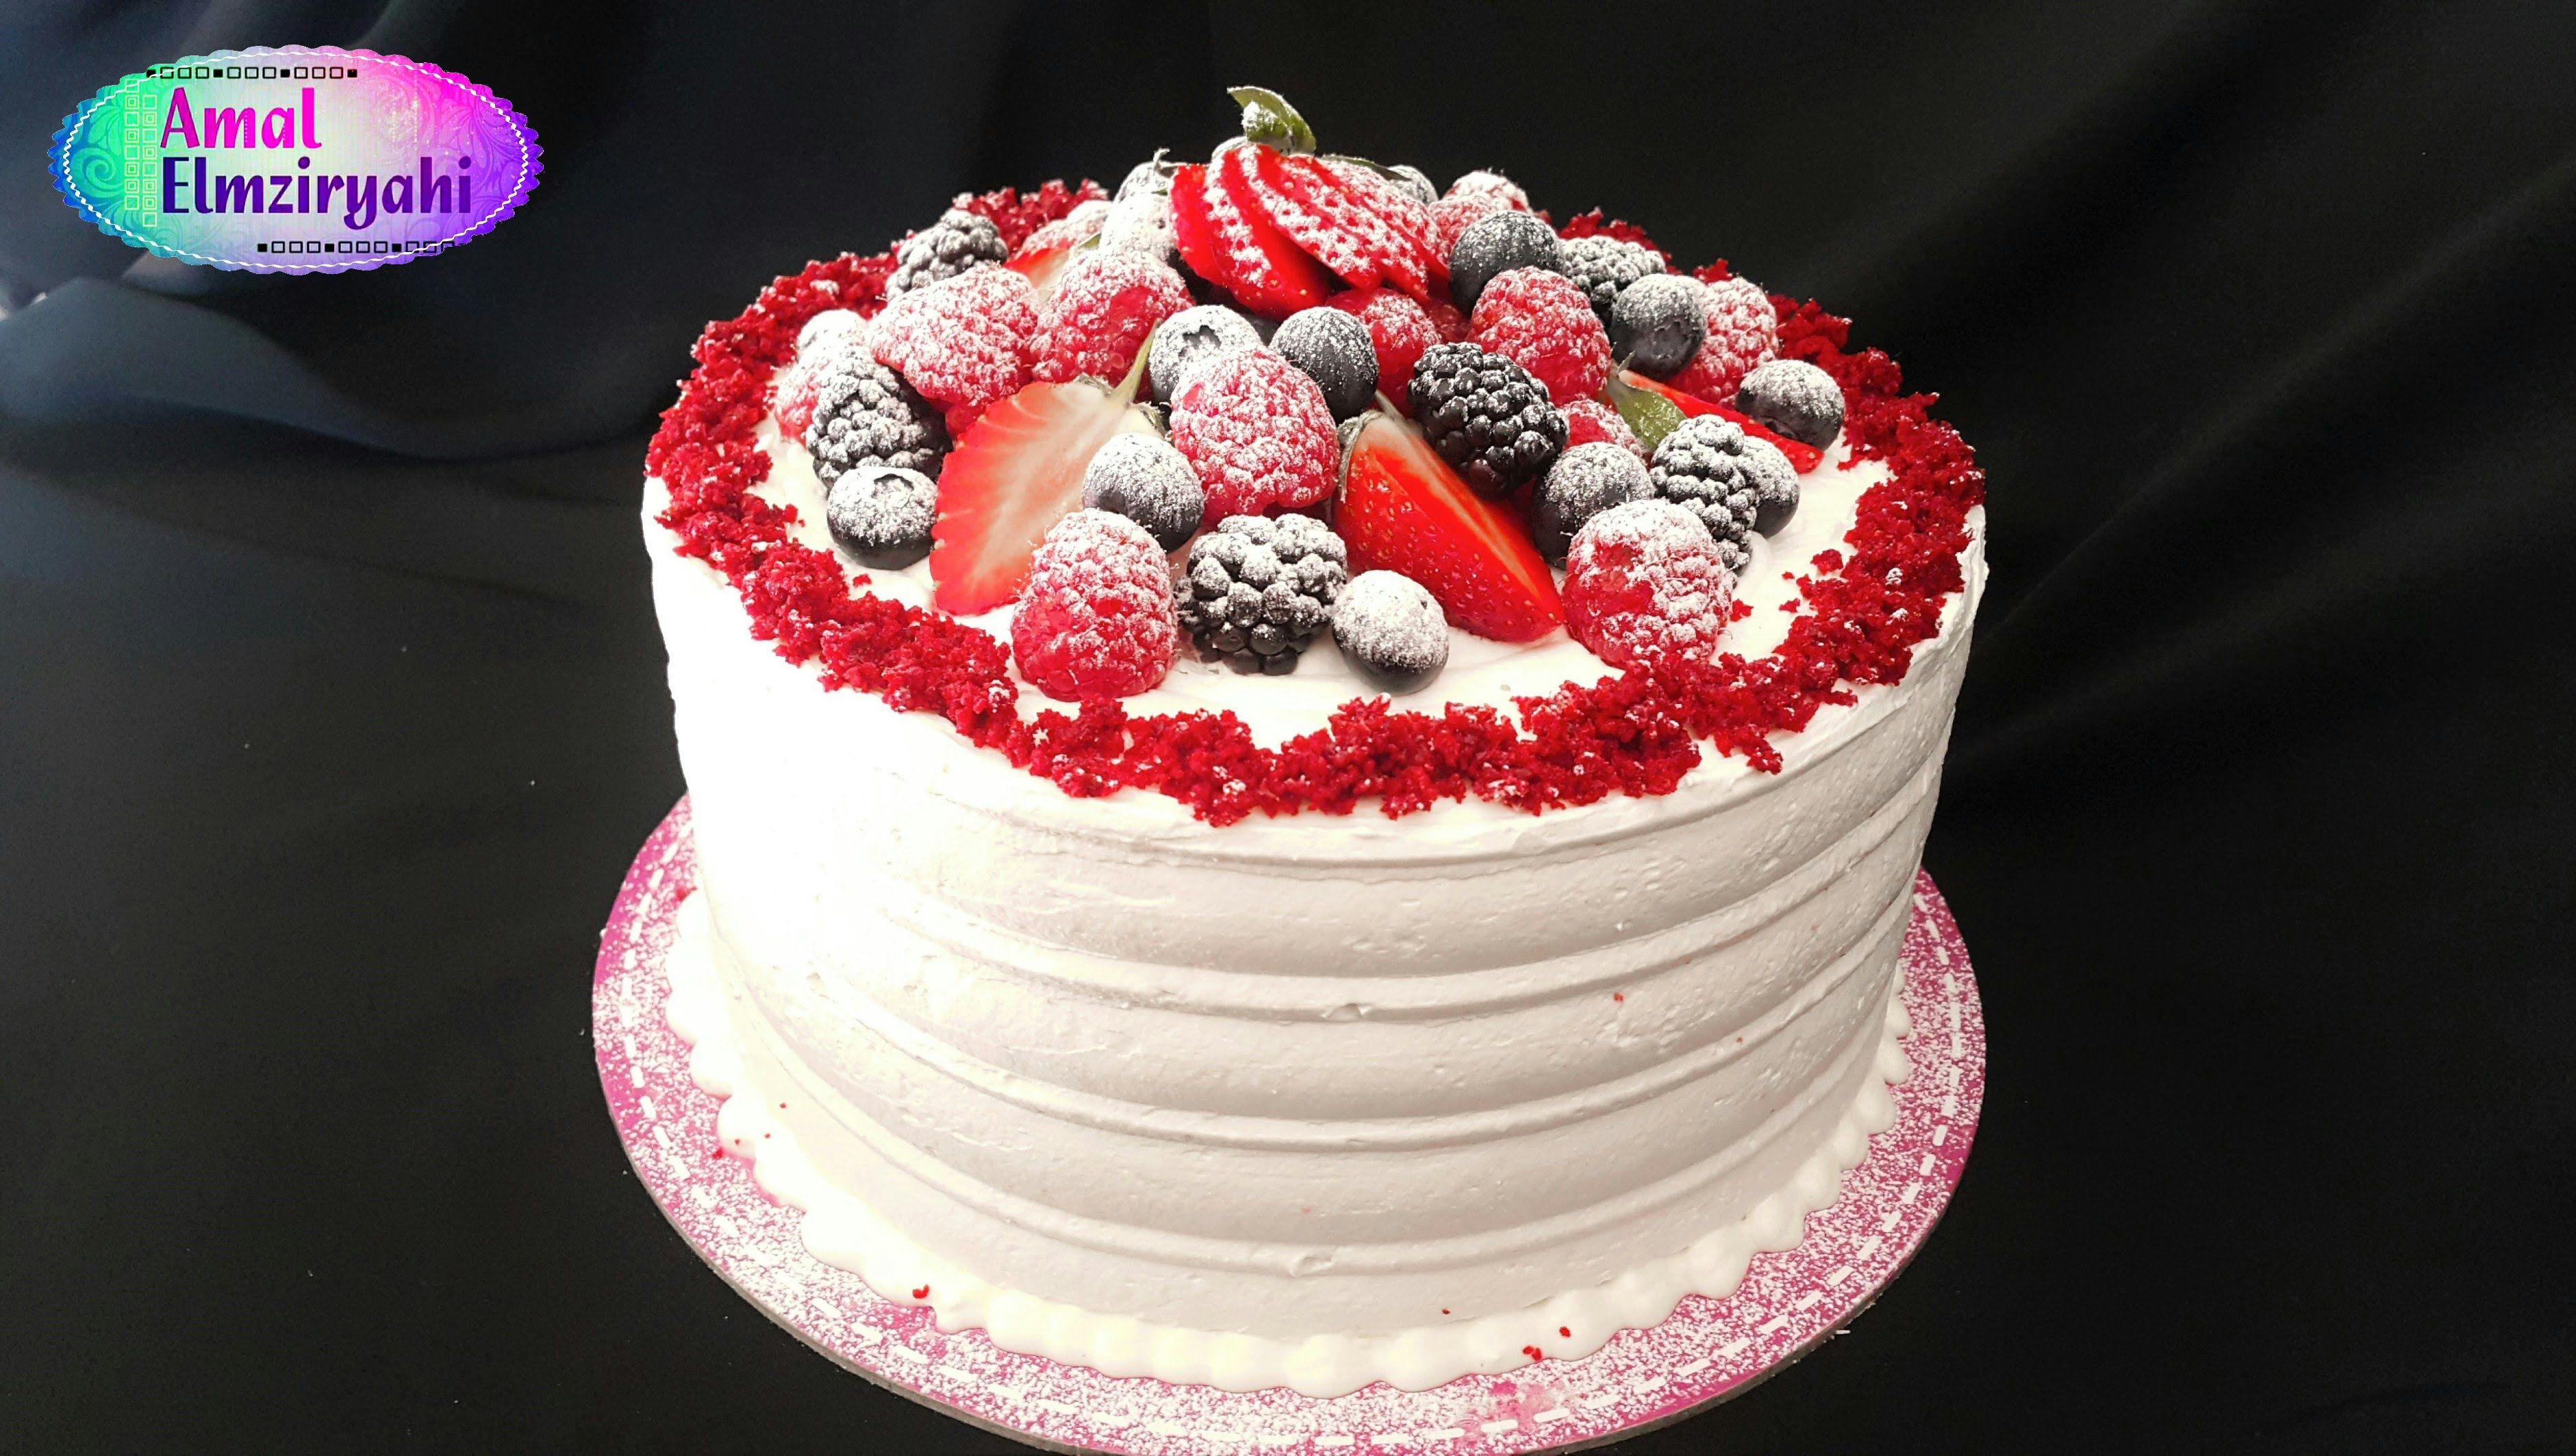 كيكة ريد فلفيت الكيكة المخملية الحمراء Youtube Cake Sweet Food